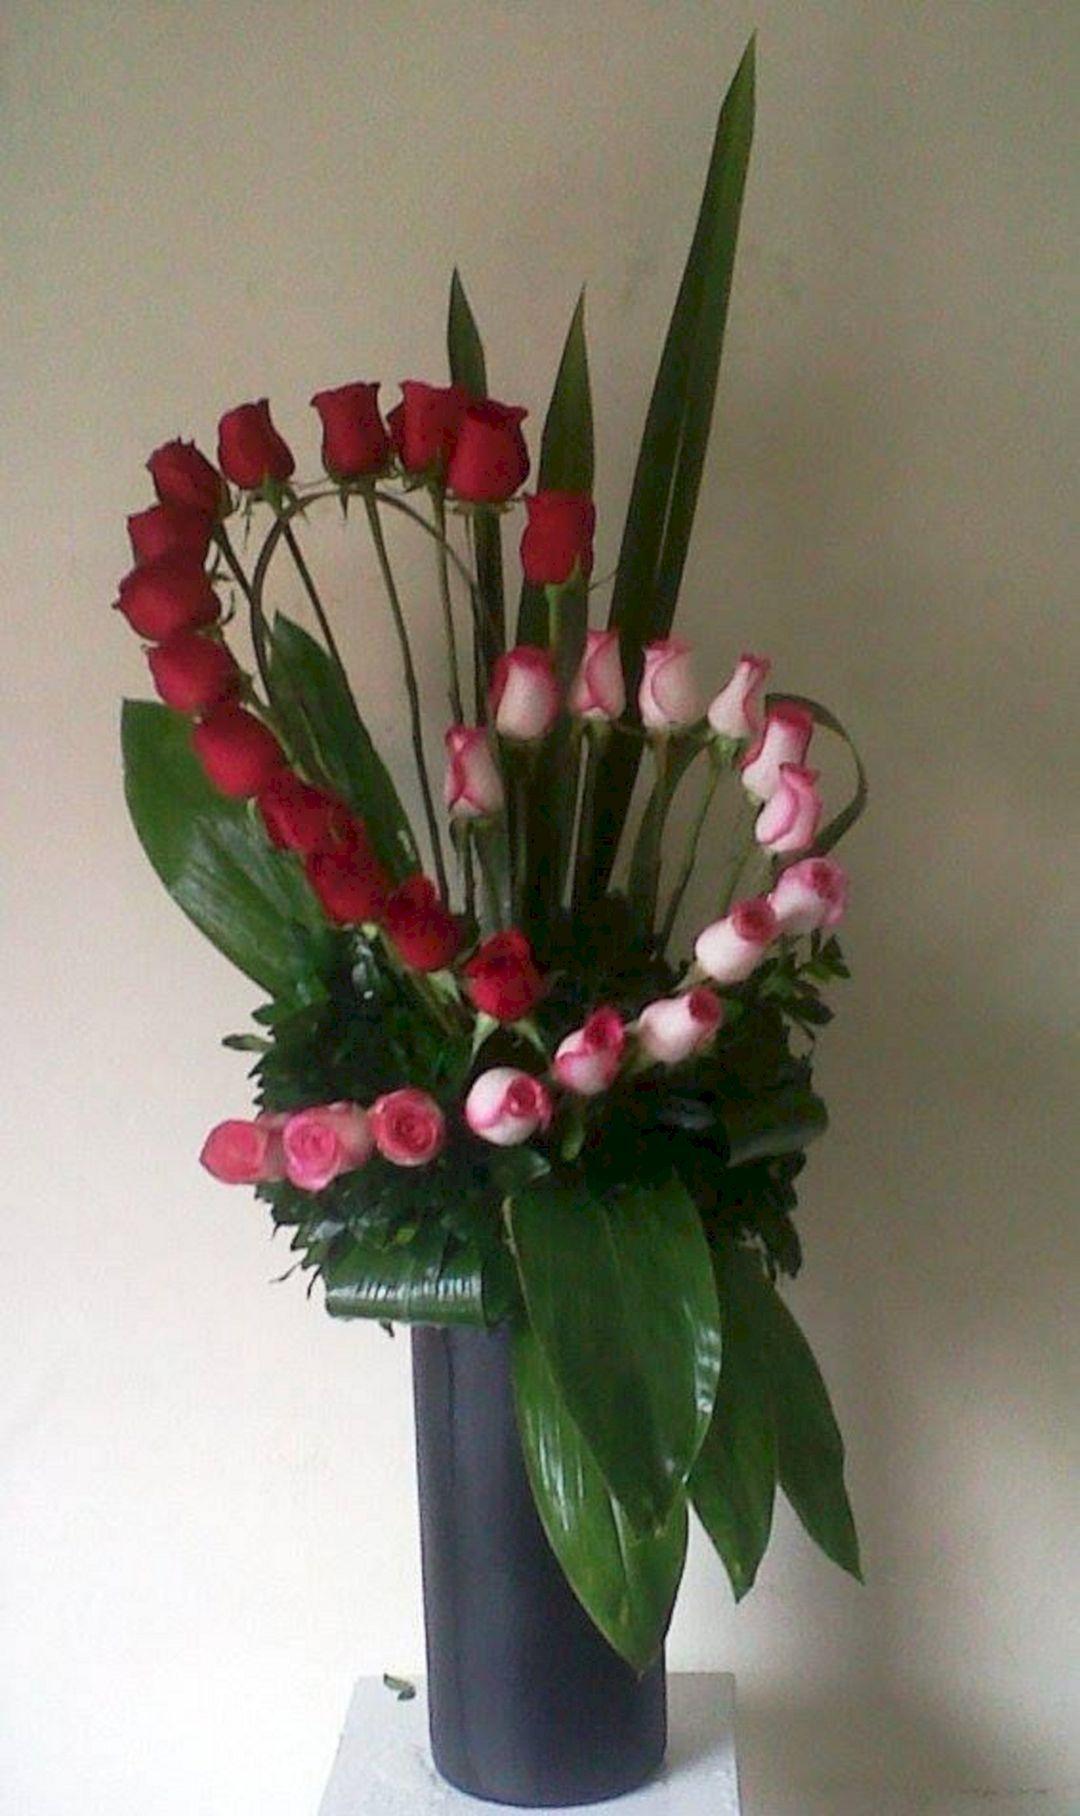 25 beautiful valentines day flowers arrangements for your beloved oto najpopularniejsze trendy w pinach w tym tygodn izmirmasajfo